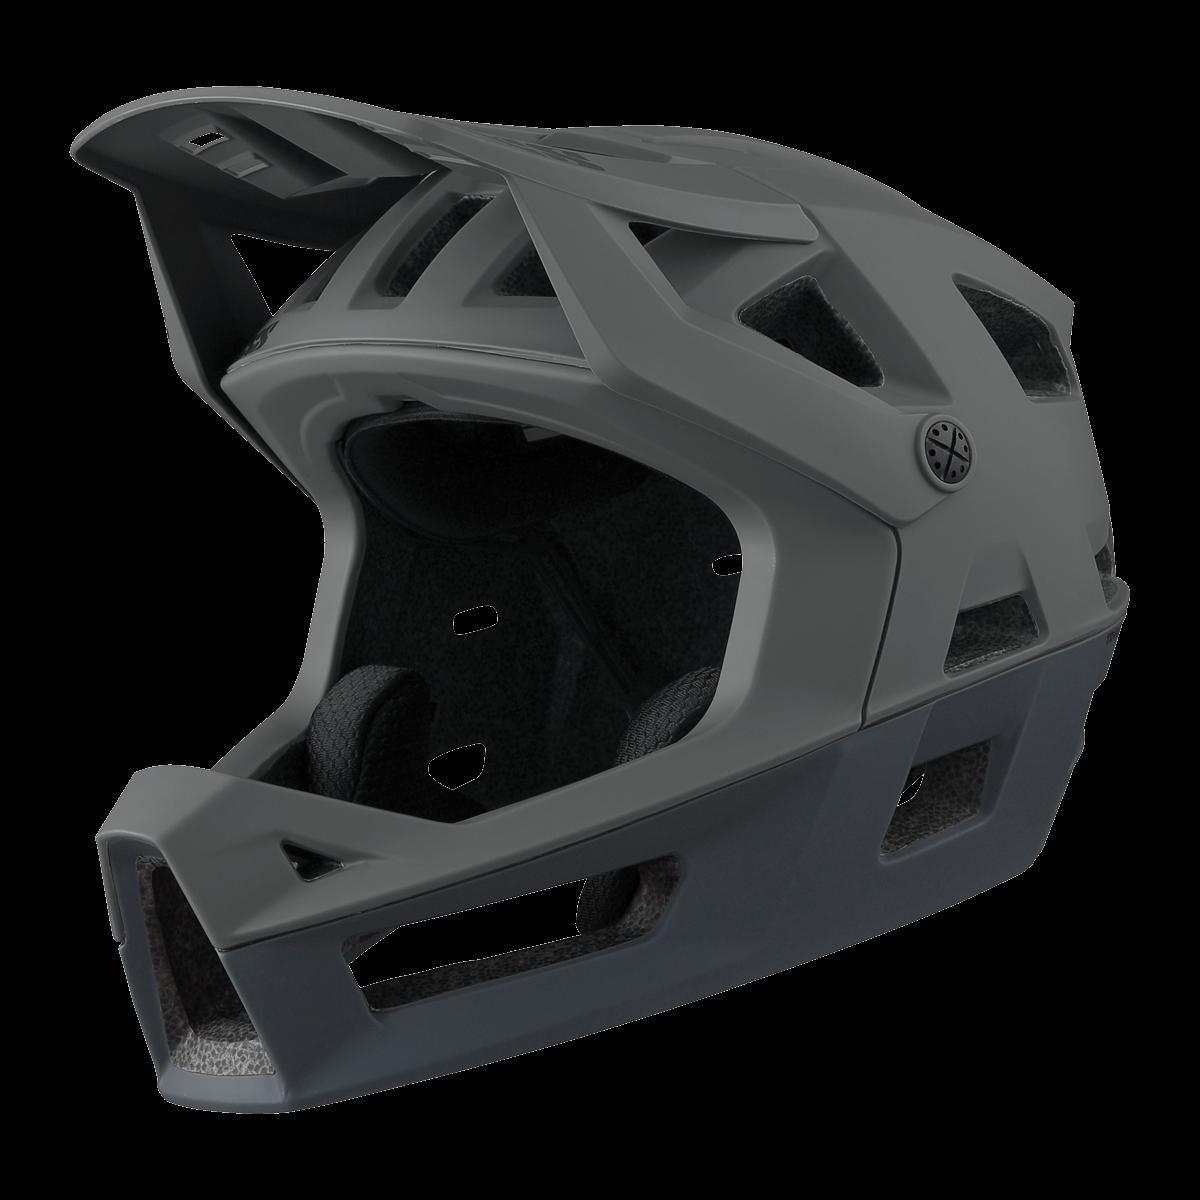 iXS integrální helma Trigger FF Graphite